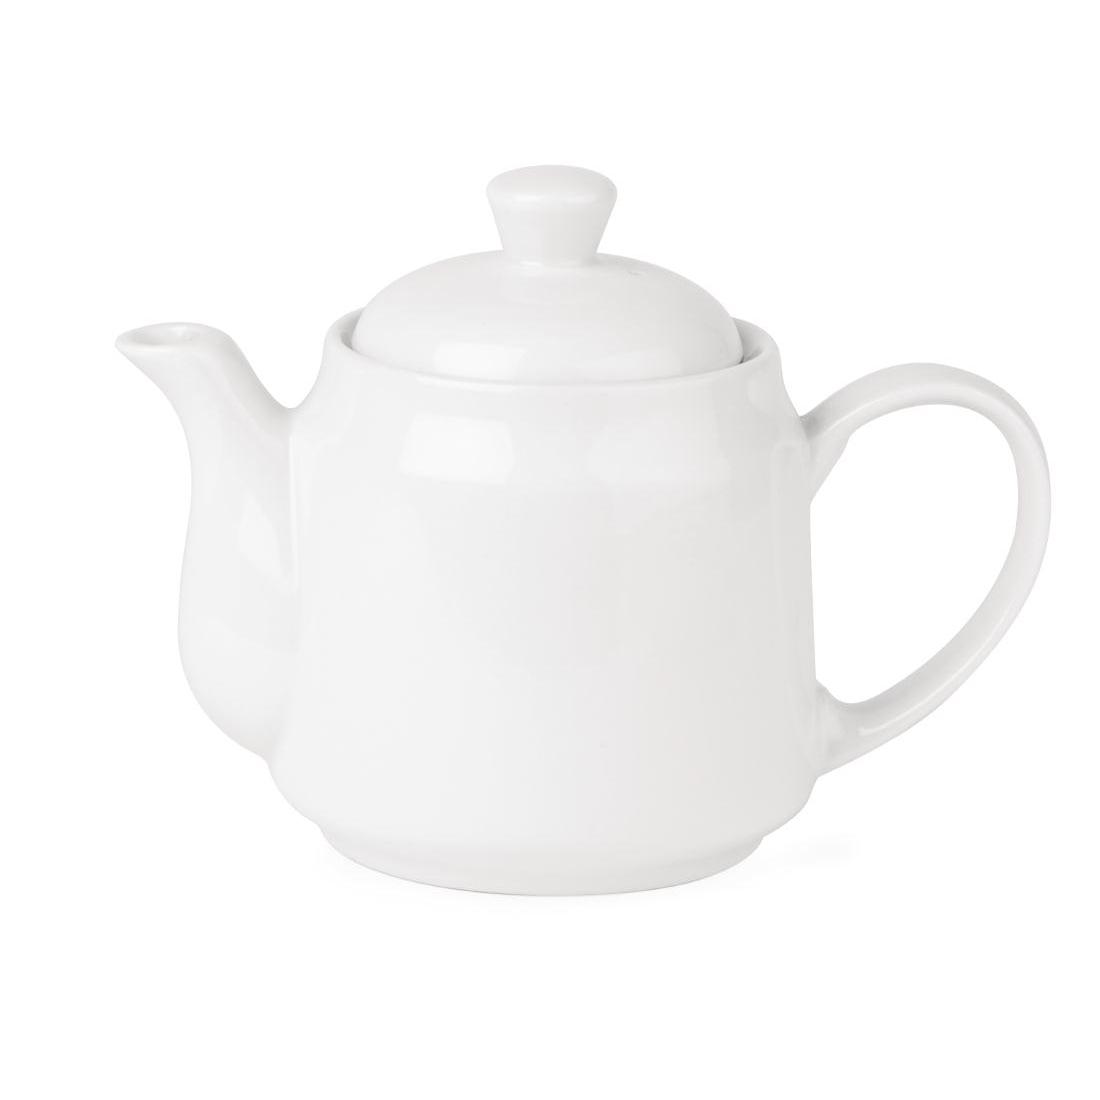 Théière ou cafetière Athena Hotelware 430ml par 4